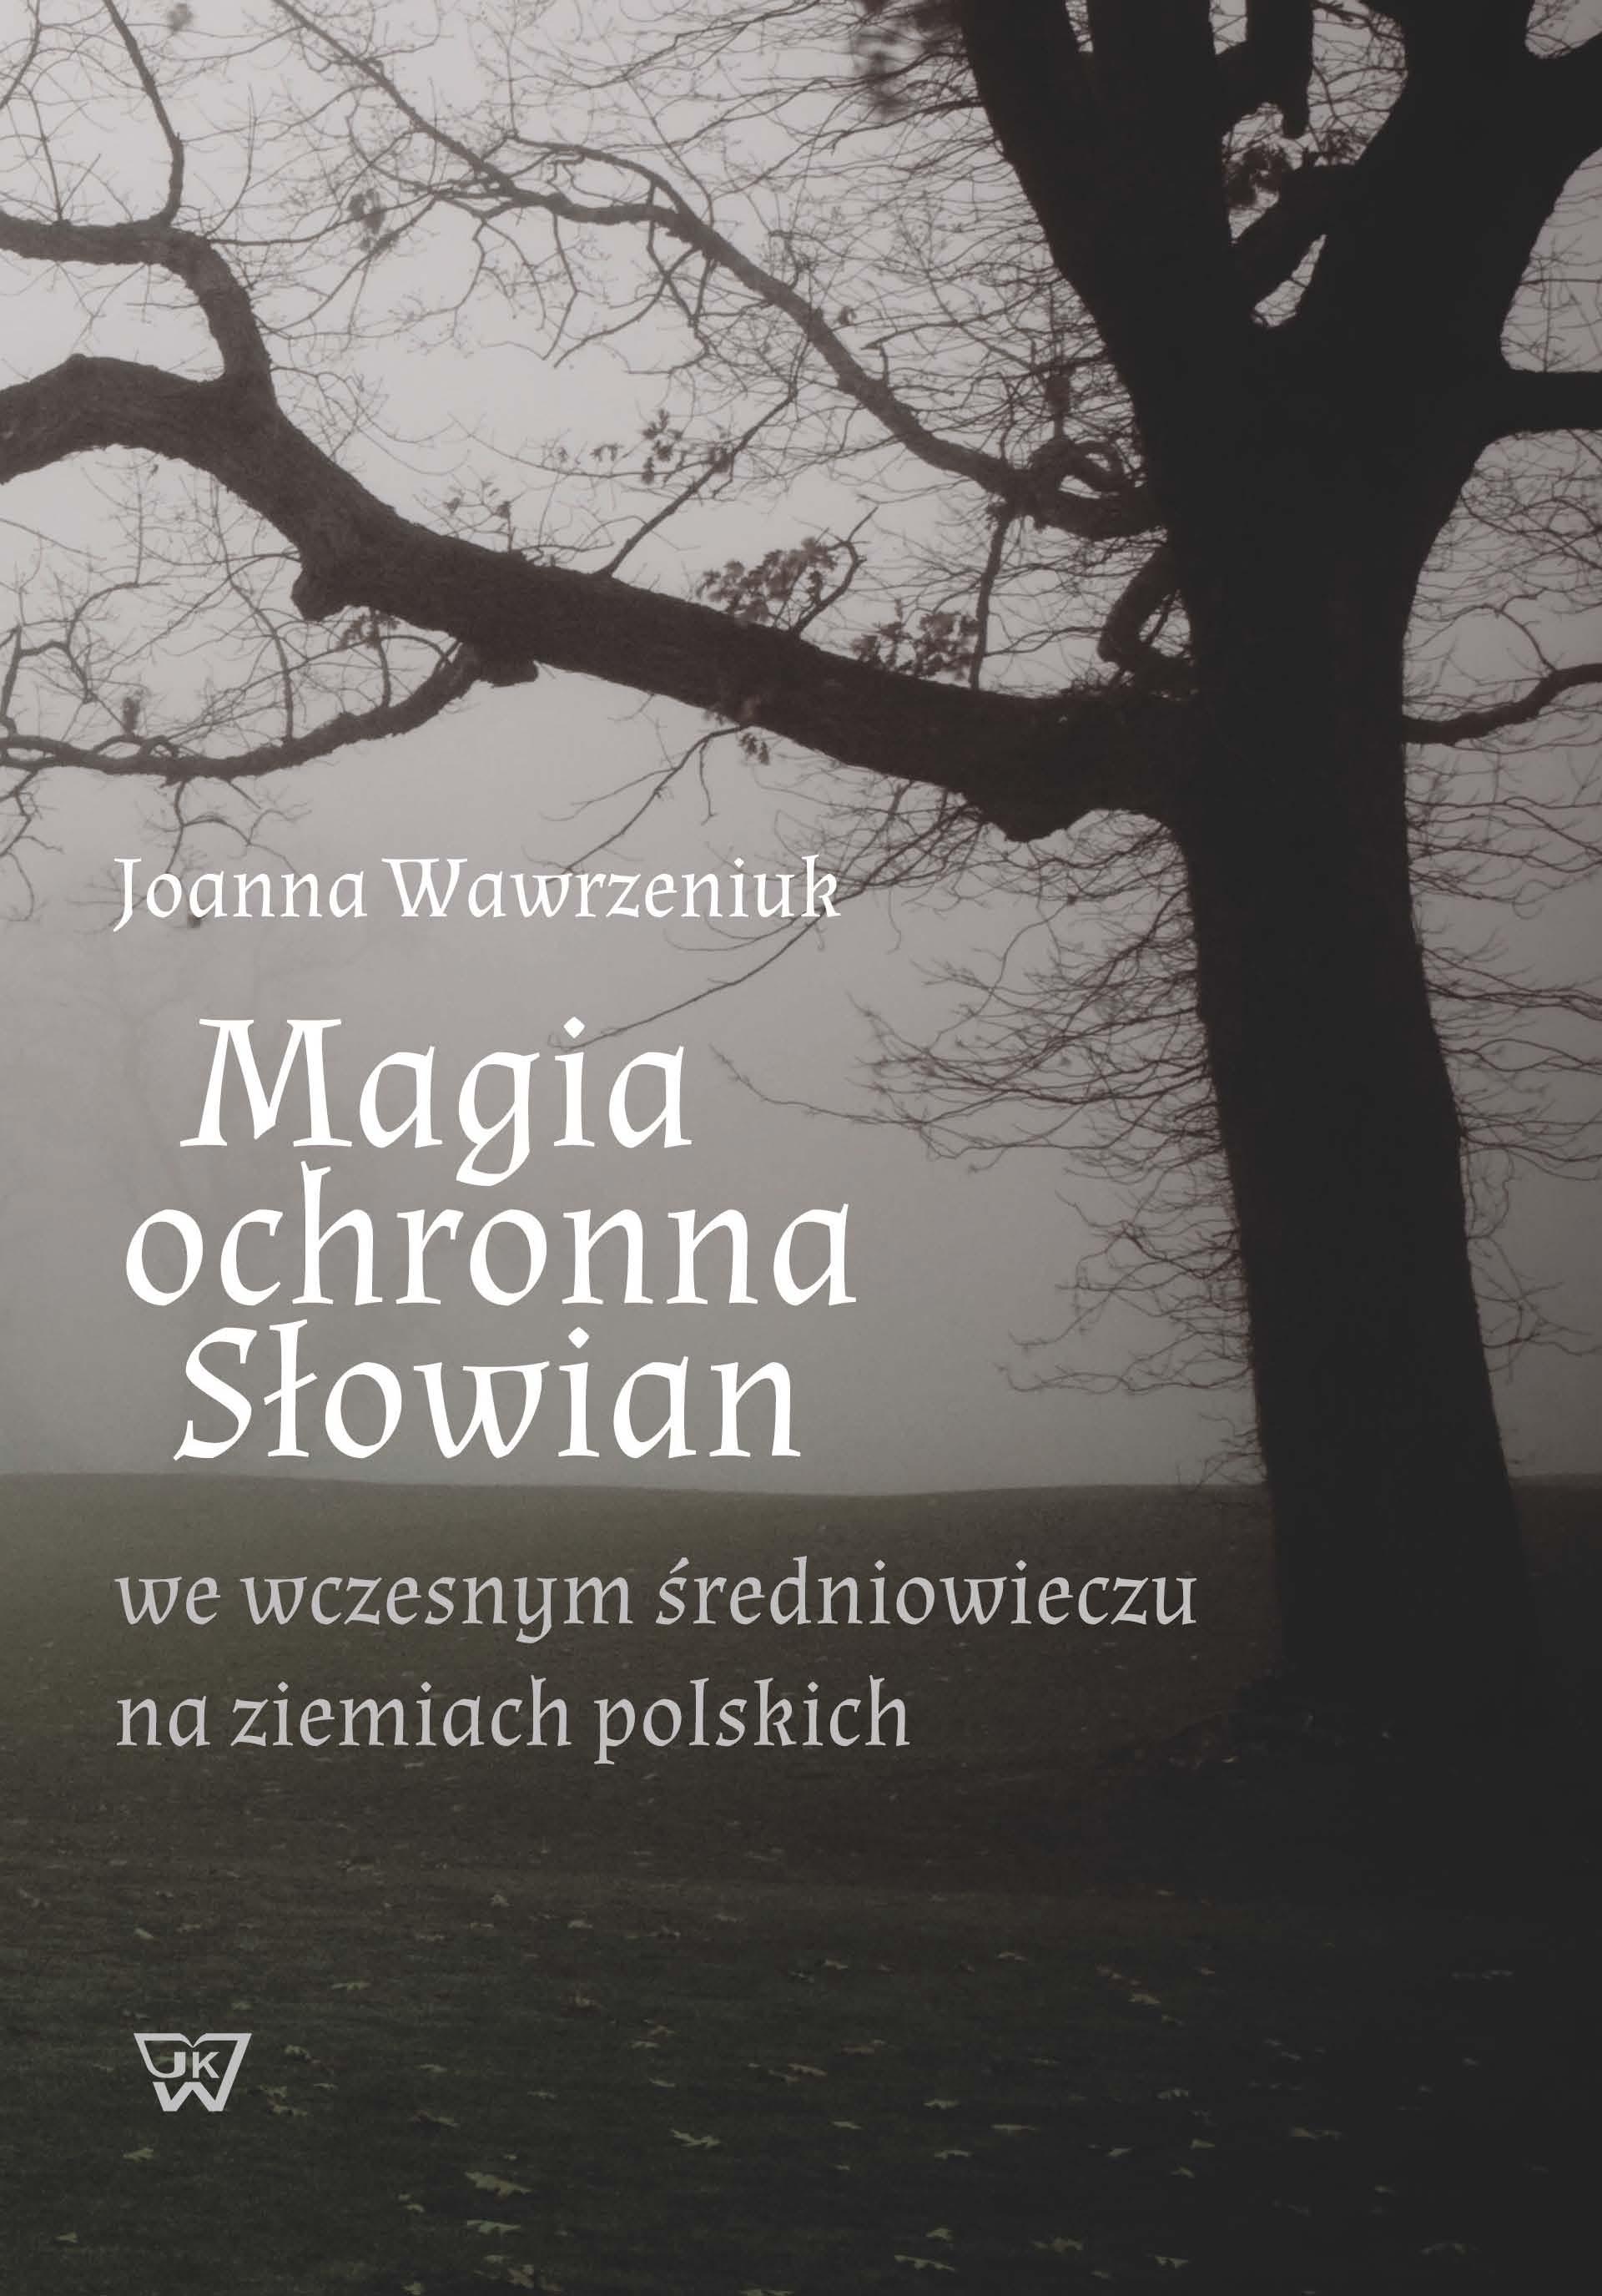 Magia ochronna słowian